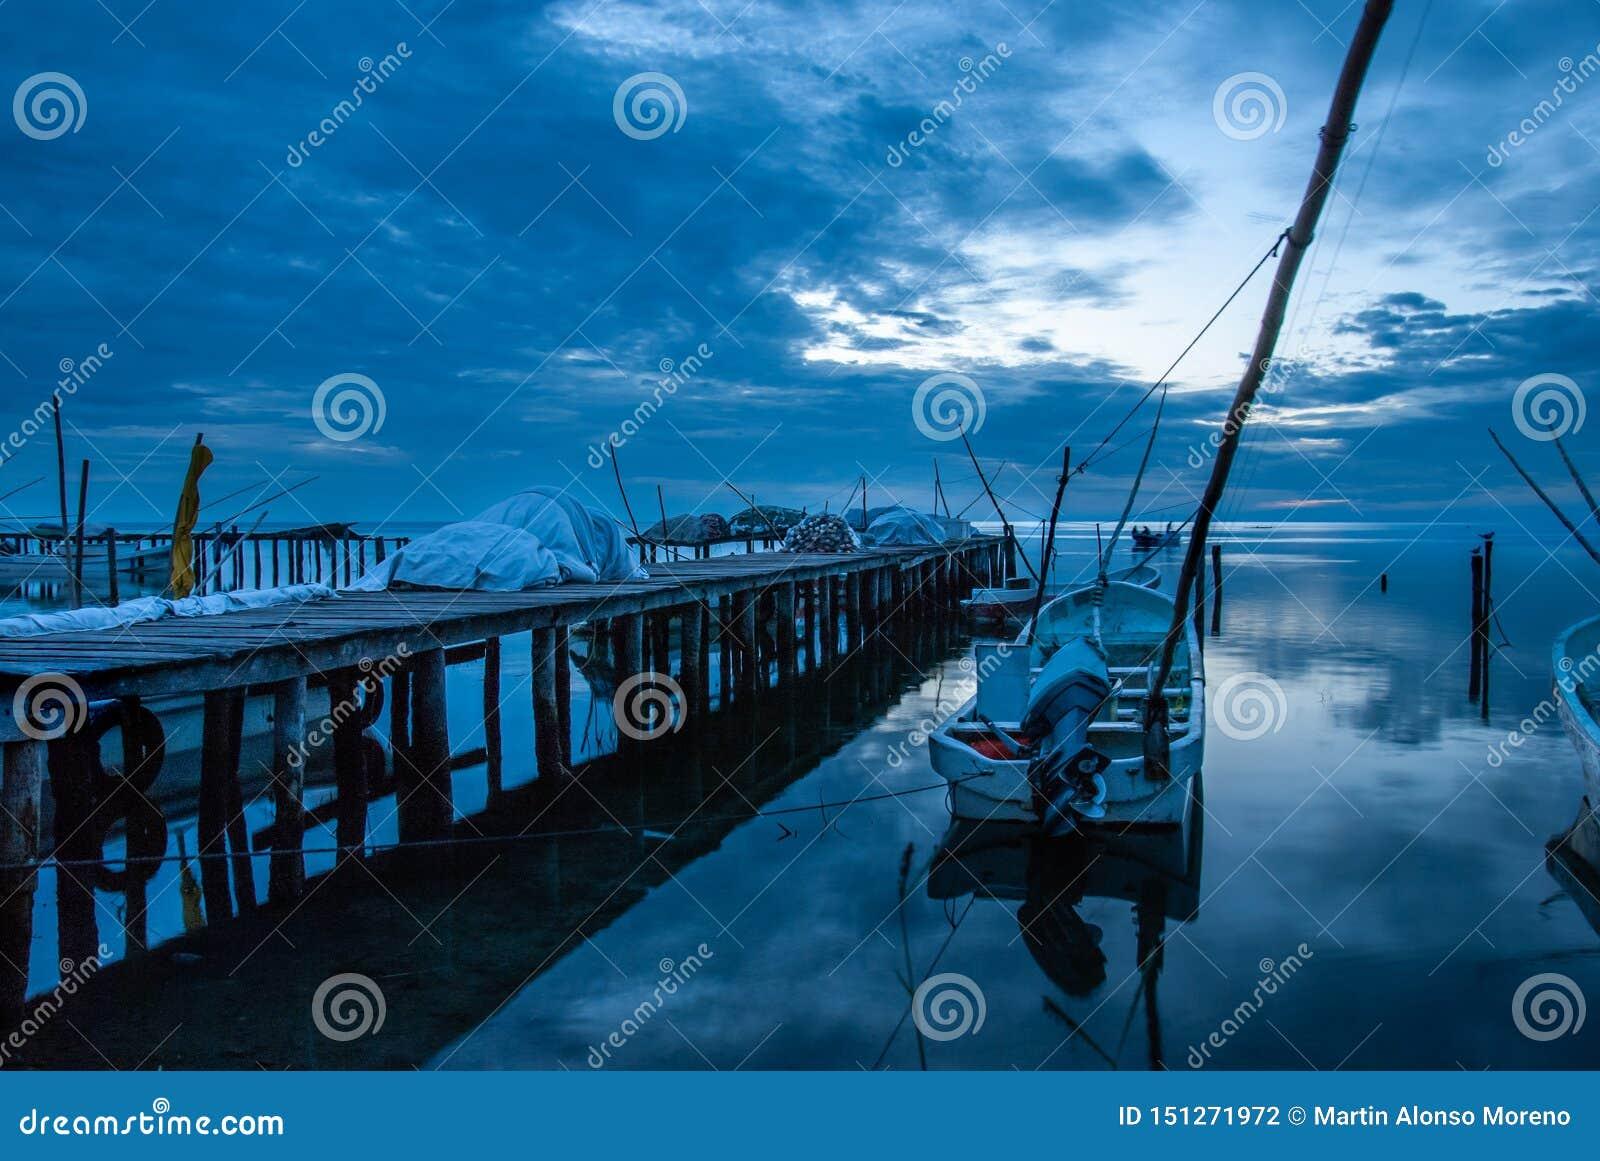 Boten in het dok en de blauwe zonsondergang in Campeche Mexico